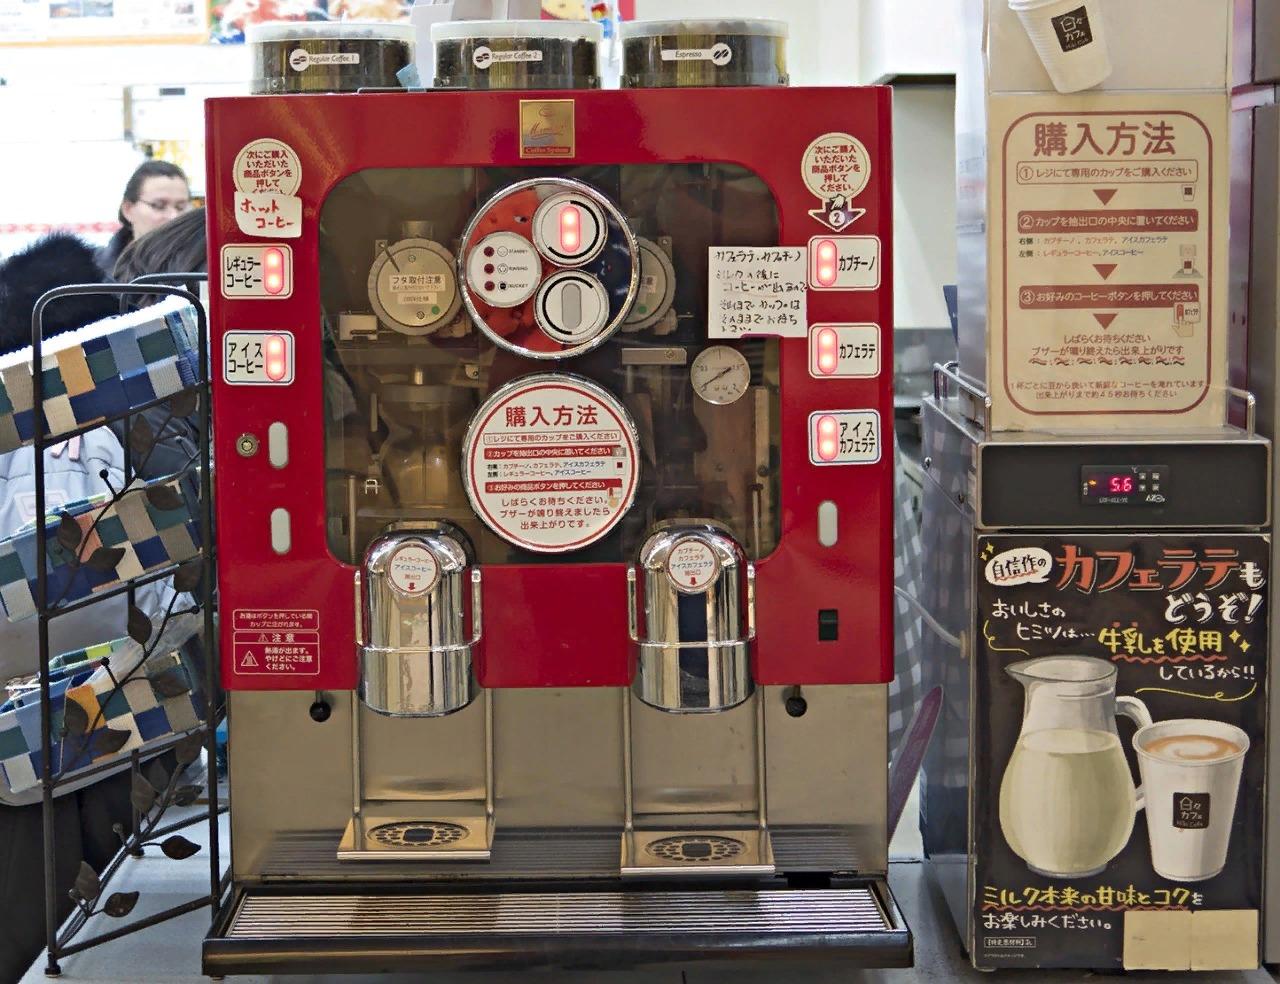 Кофе-машина в придорожном кафе.